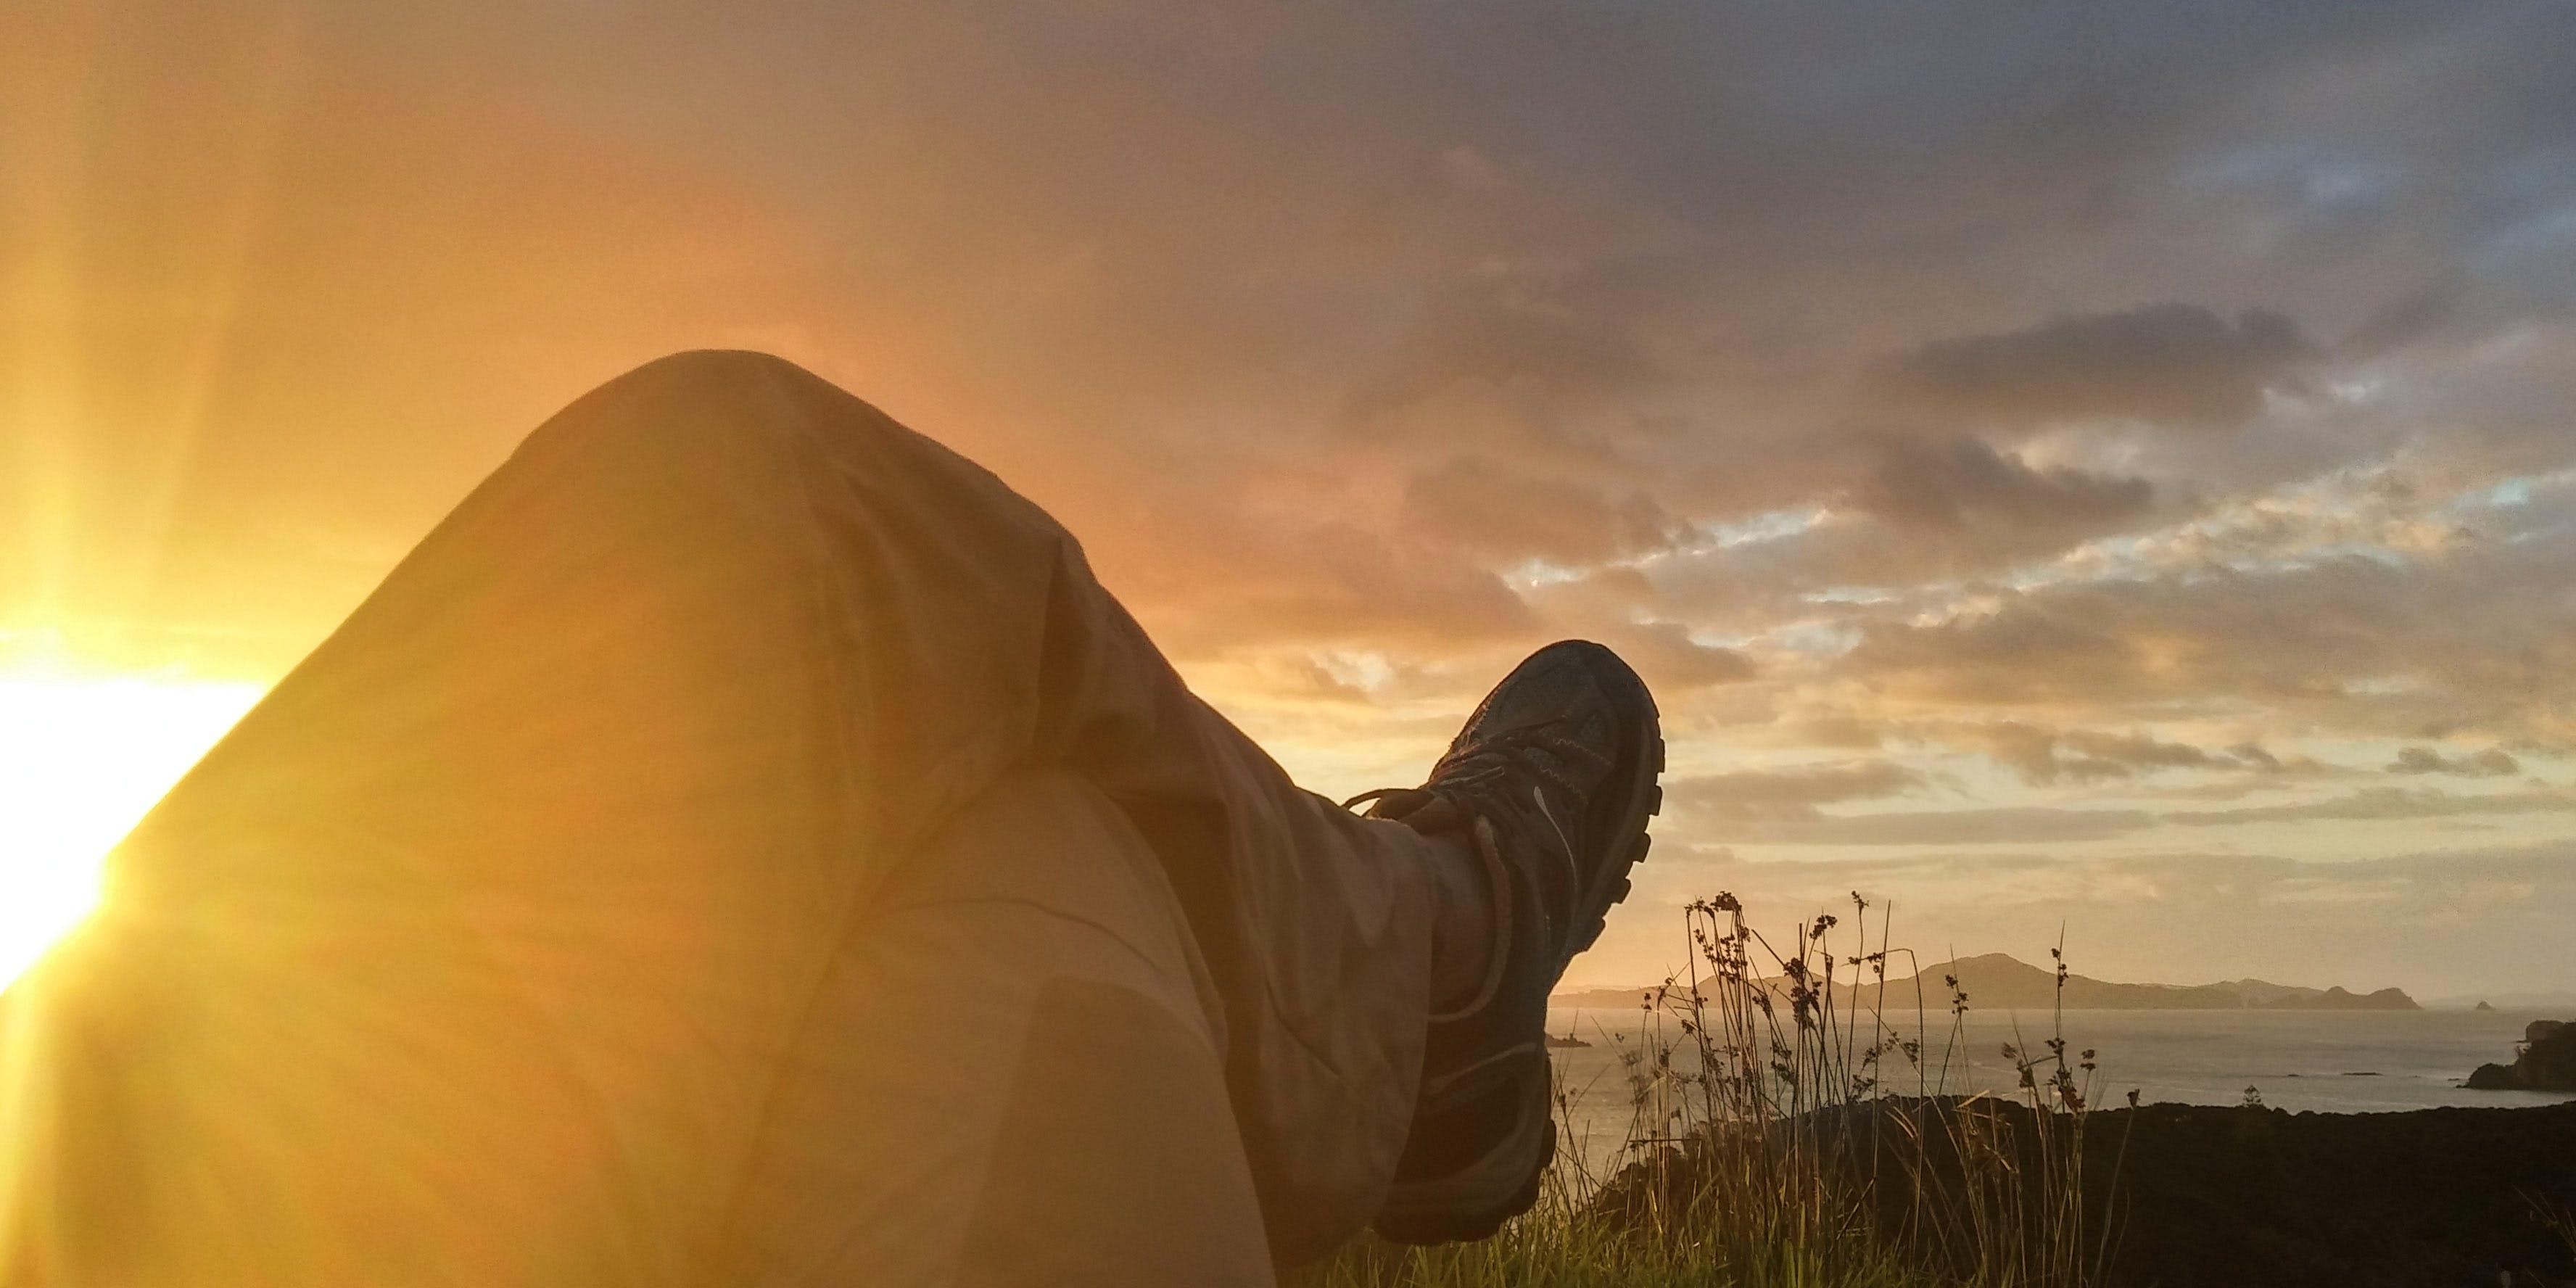 bota, hora, horizont